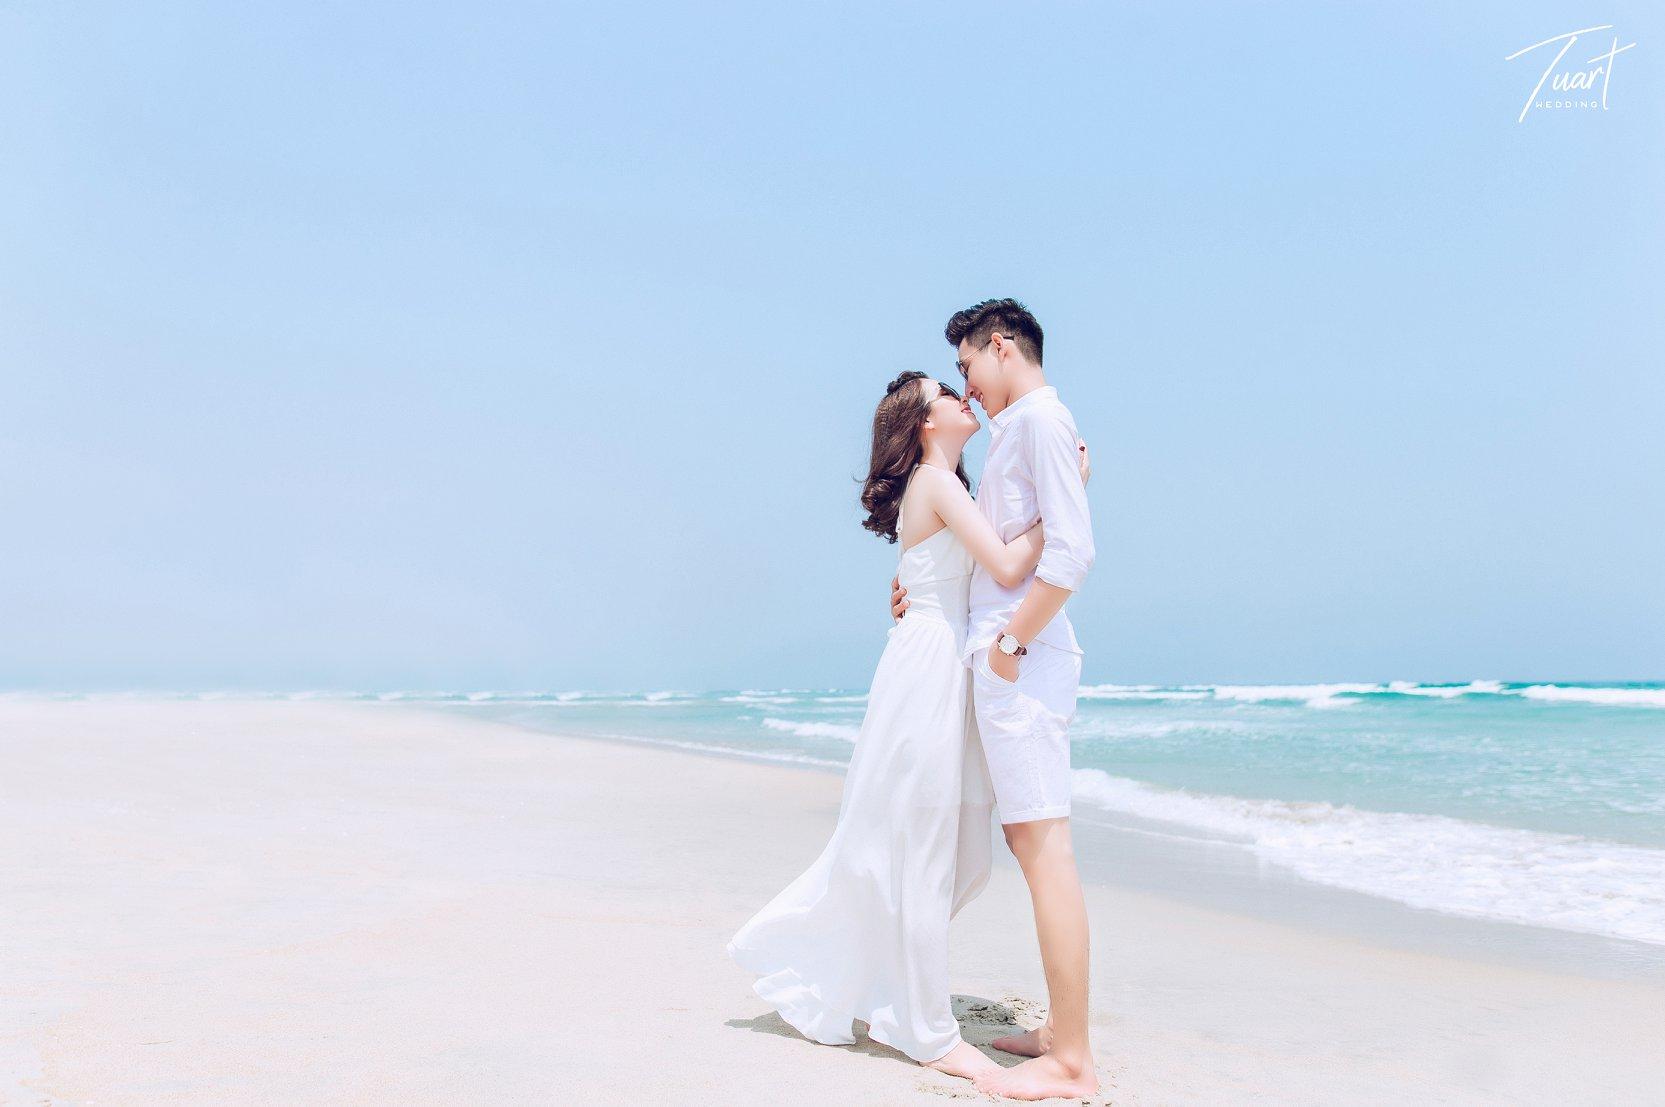 Album chụp ảnh cưới đẹp biển Mỹ Khê: Trang-Khôi 1